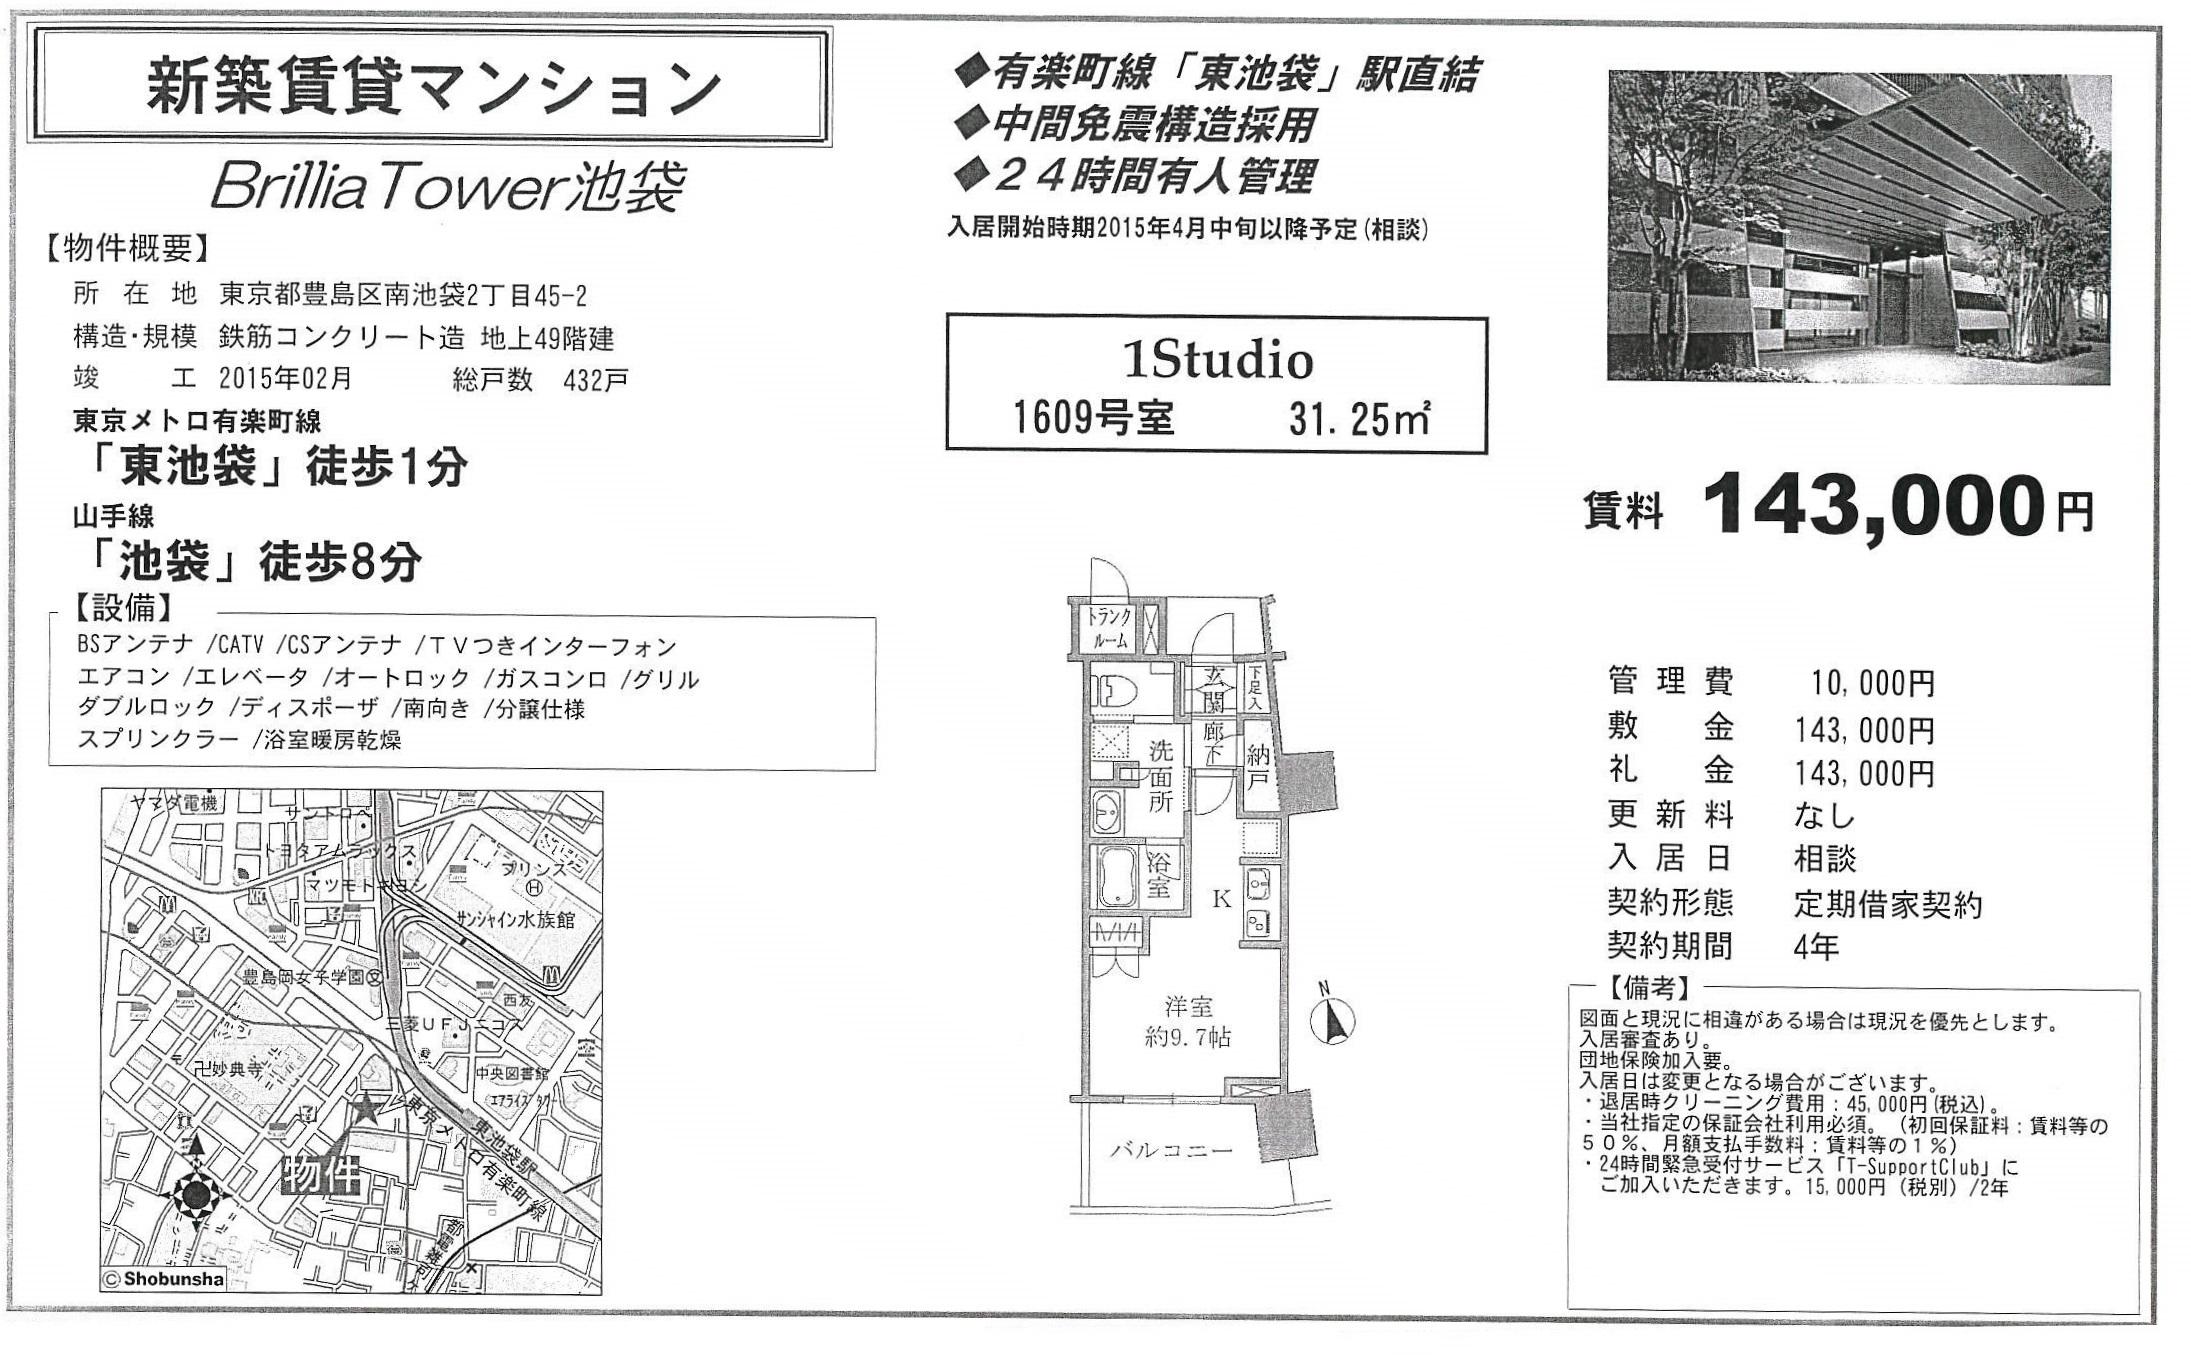 ブリリアタワー池袋図面1609号室